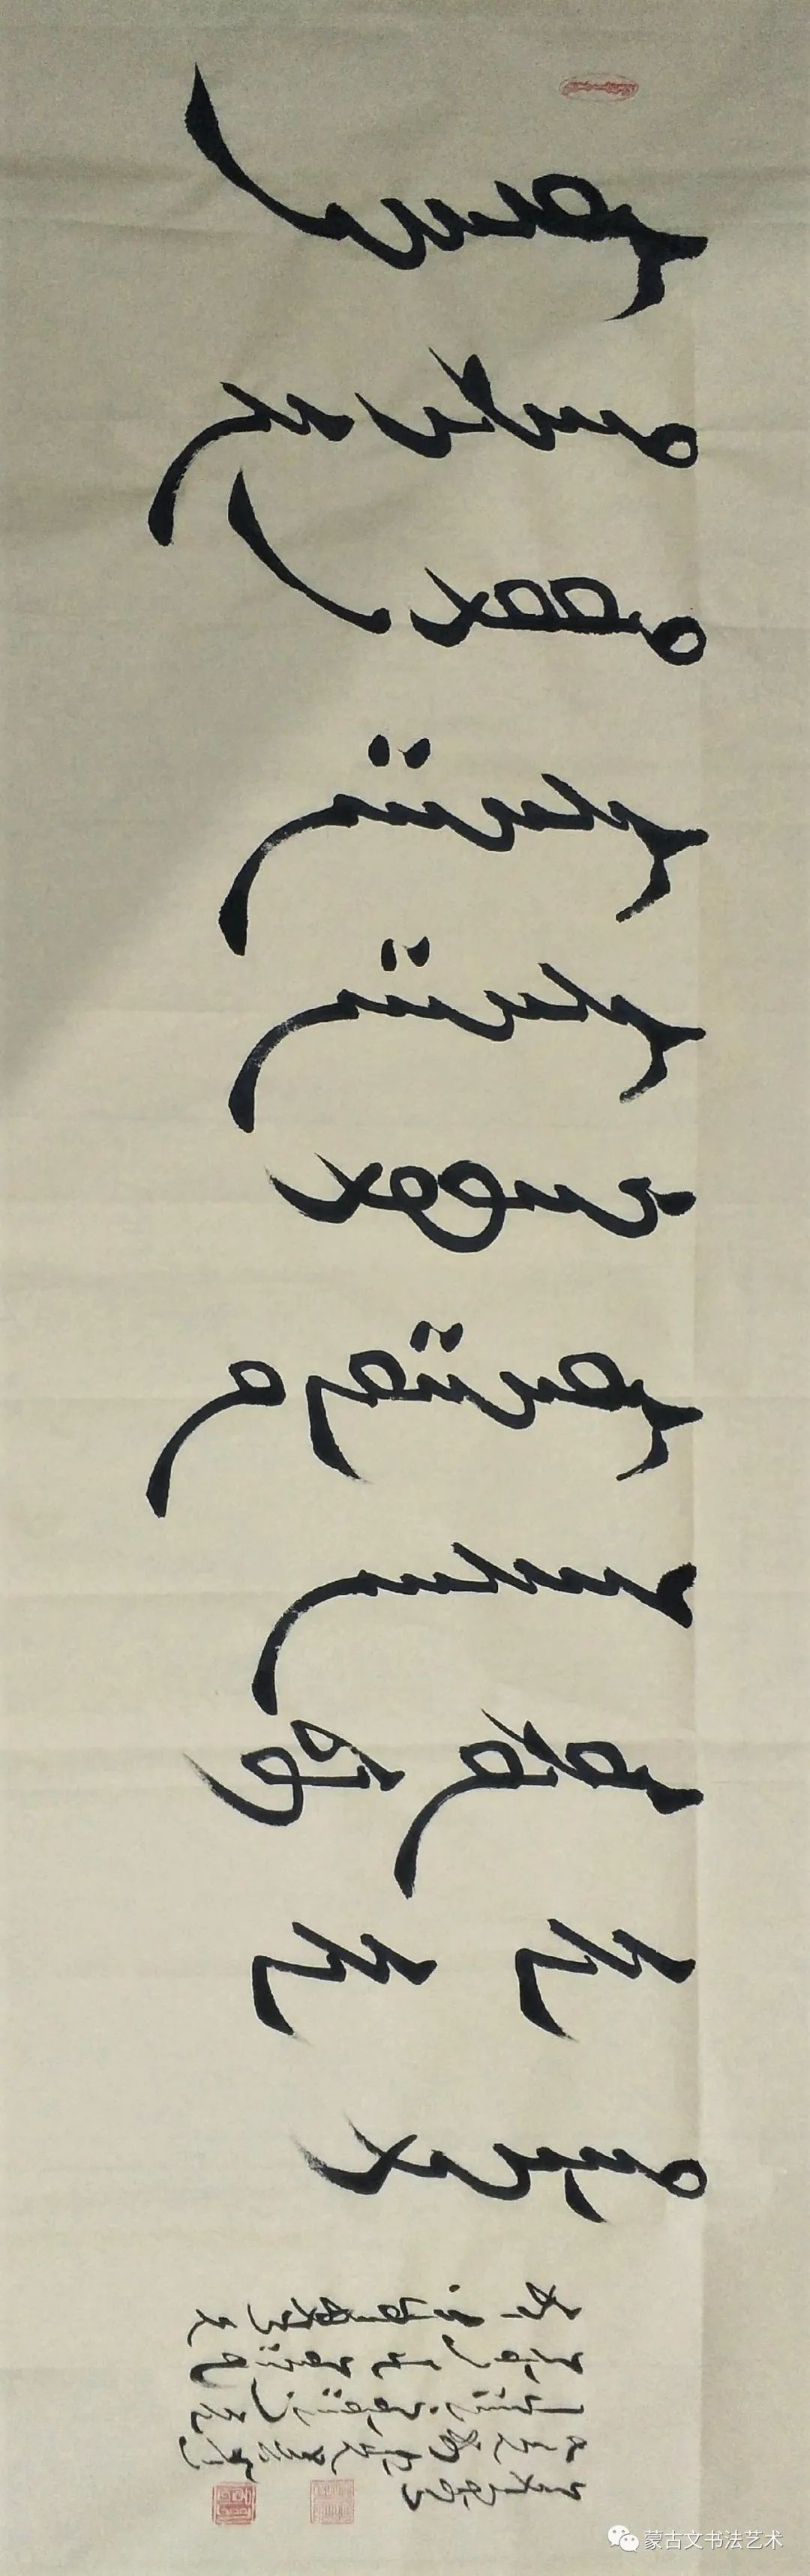 铁龙蒙古文书法 第9张 铁龙蒙古文书法 蒙古书法